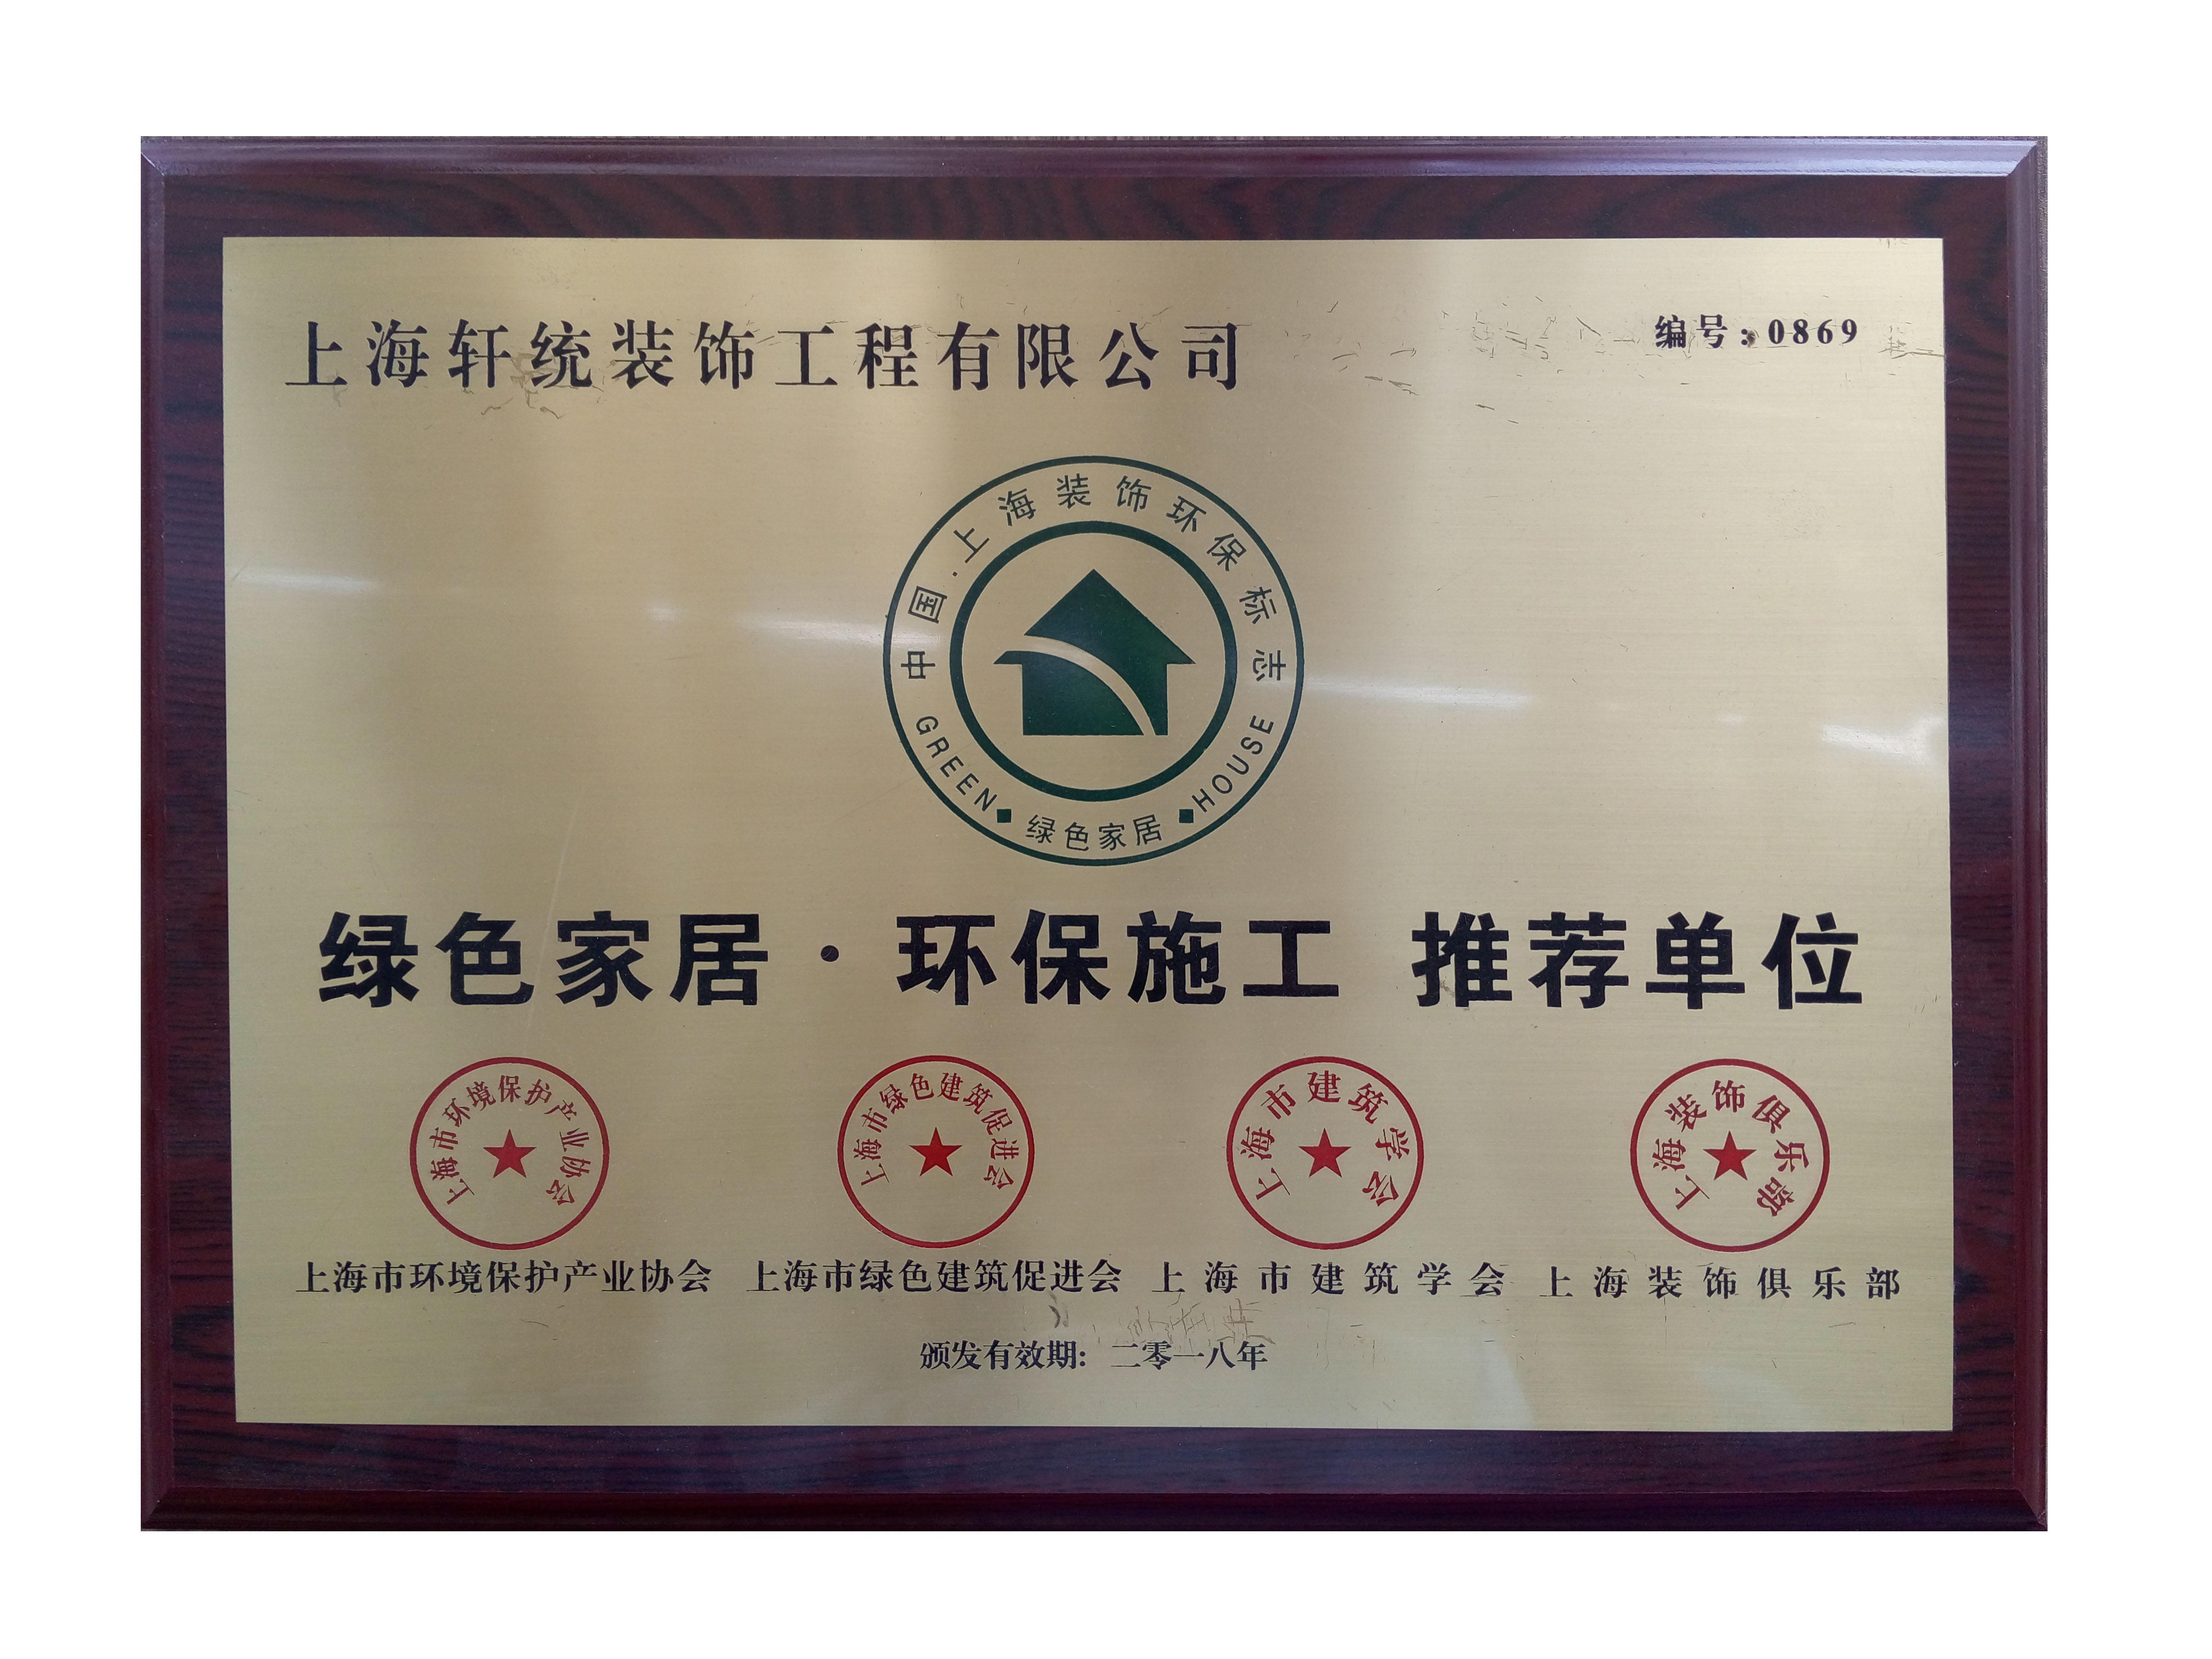 绿色家居 环保施工 推荐单位